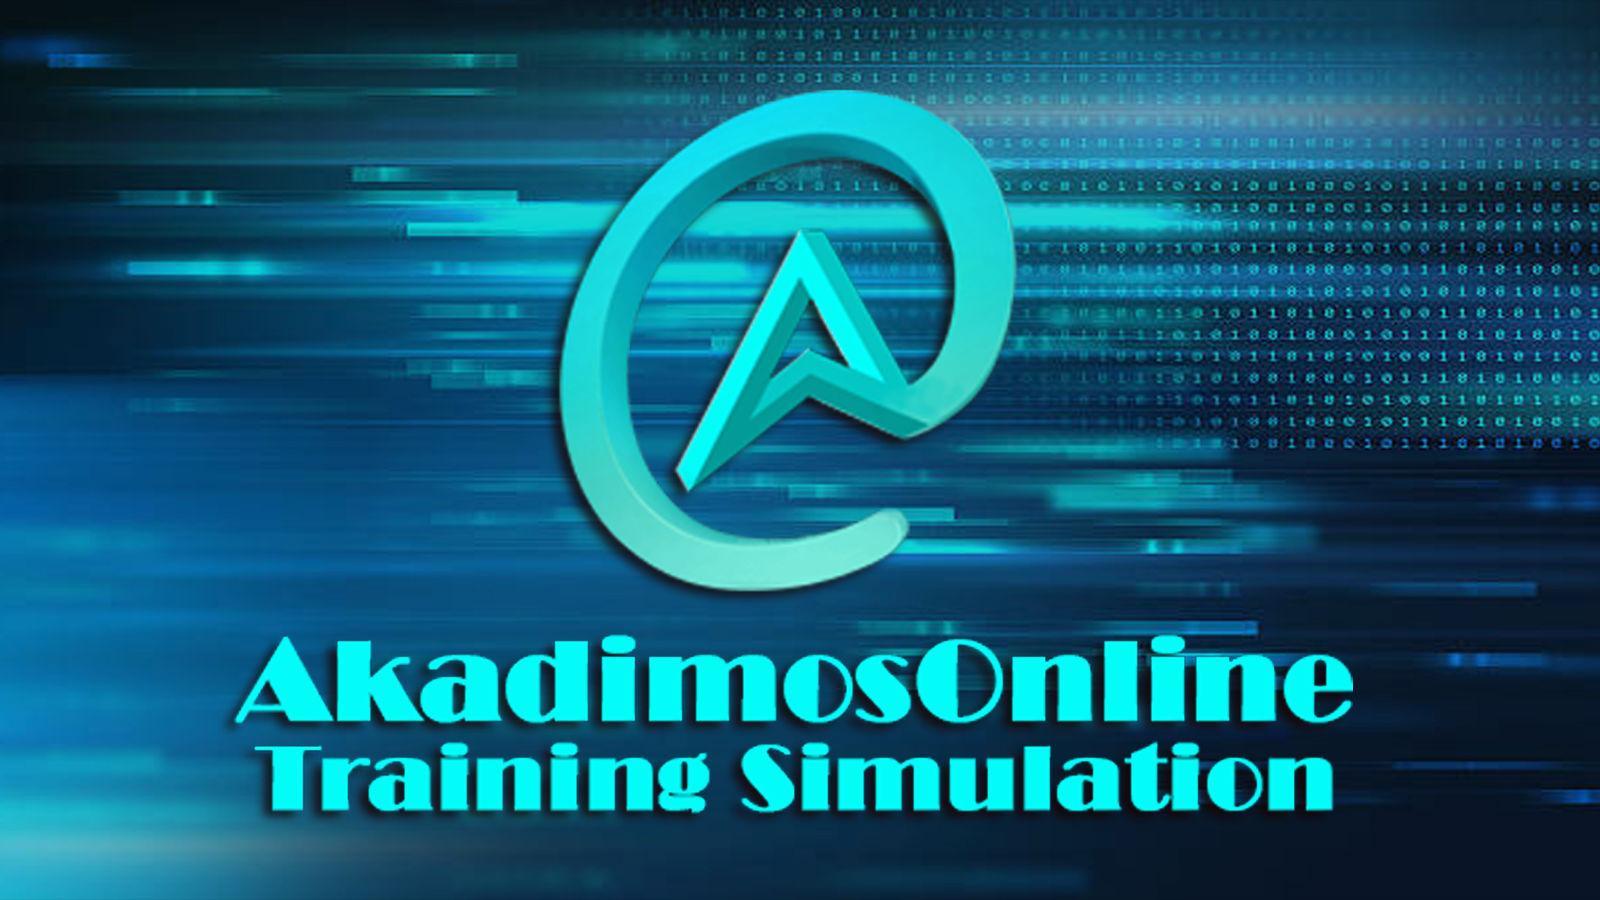 Ακάδημος Online Training Simulation